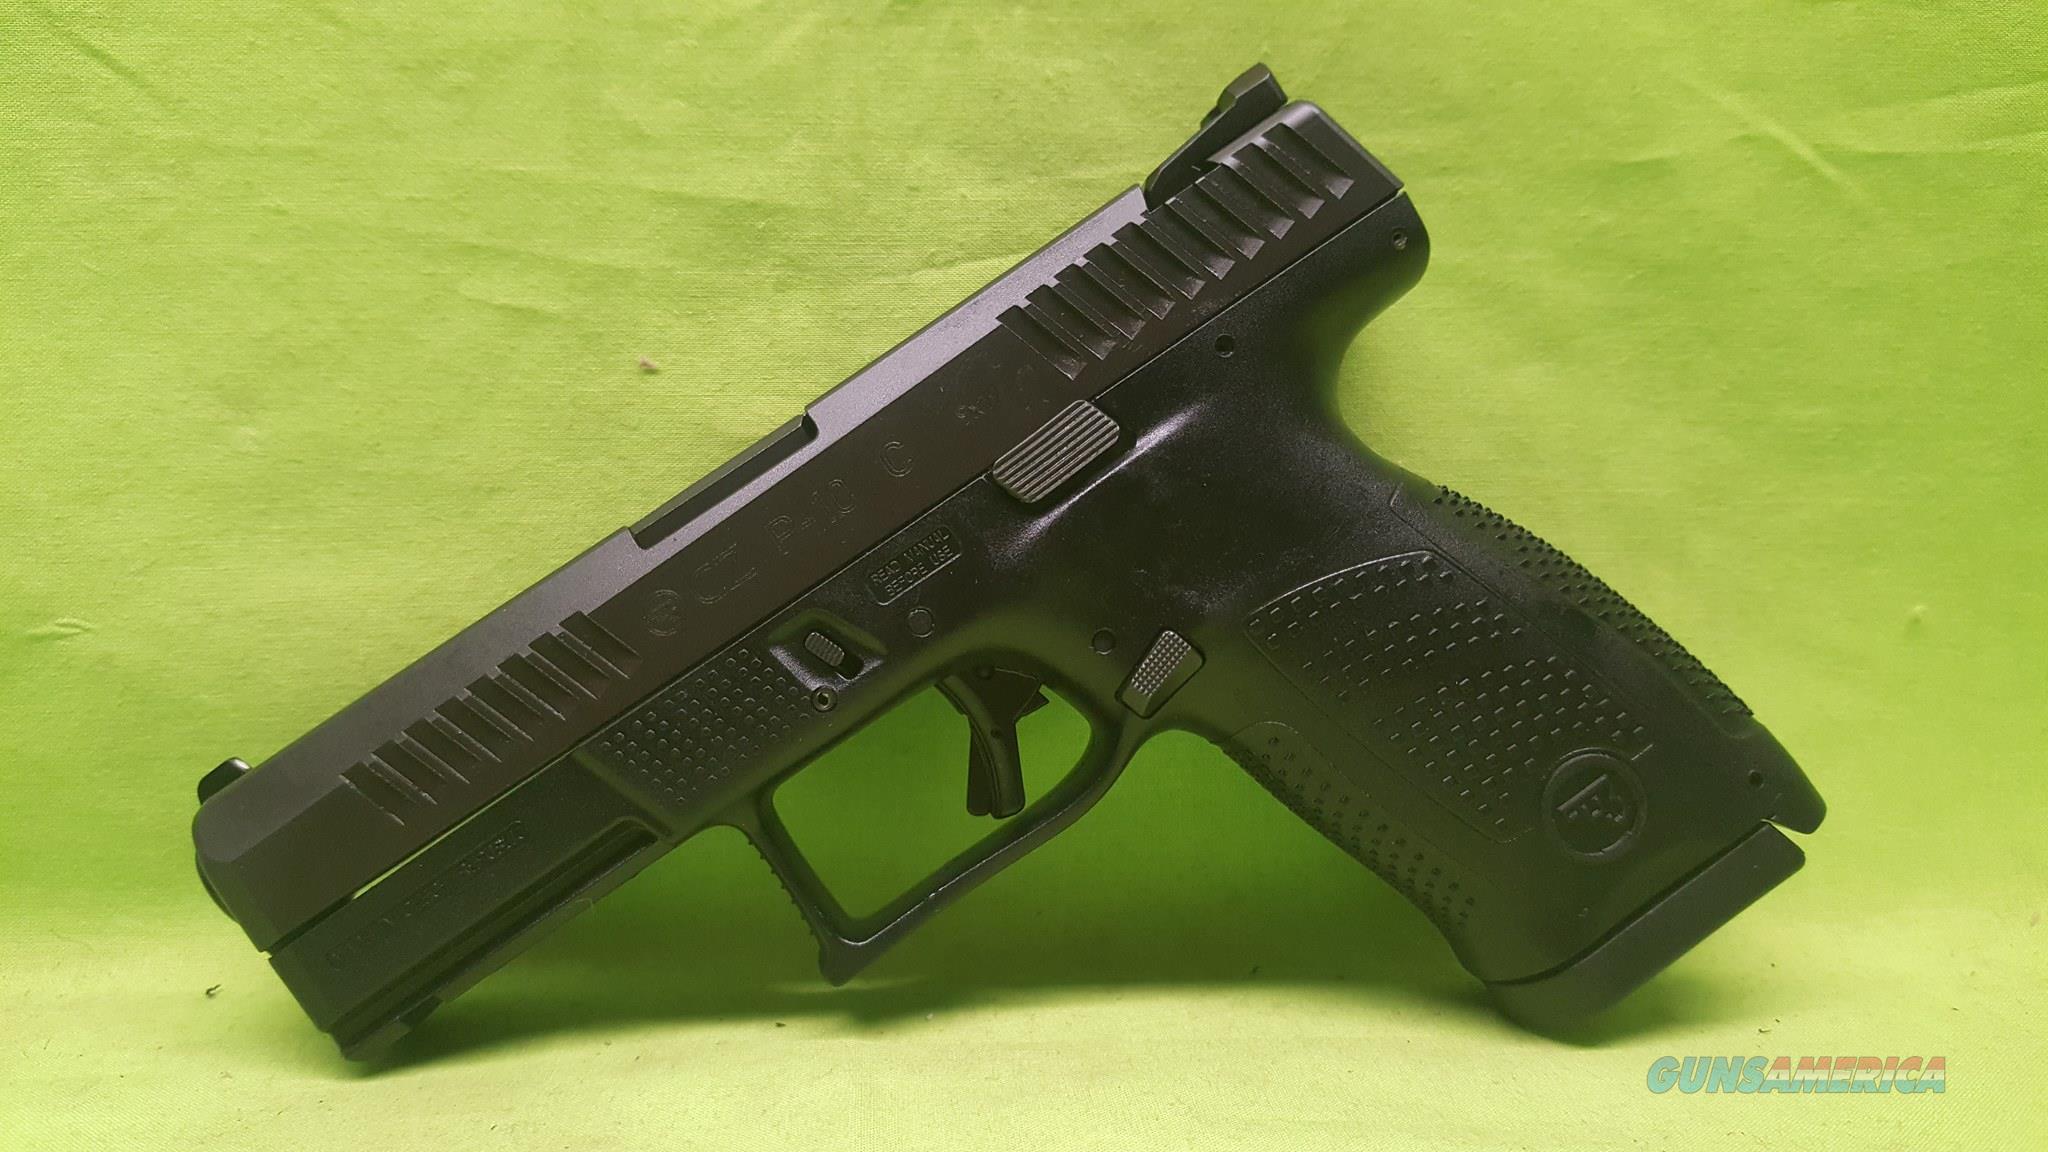 CZ P10 P 10 P-10 CMPCT 9MM 9 MM 15+1 91520  Guns > Pistols > CZ Pistols